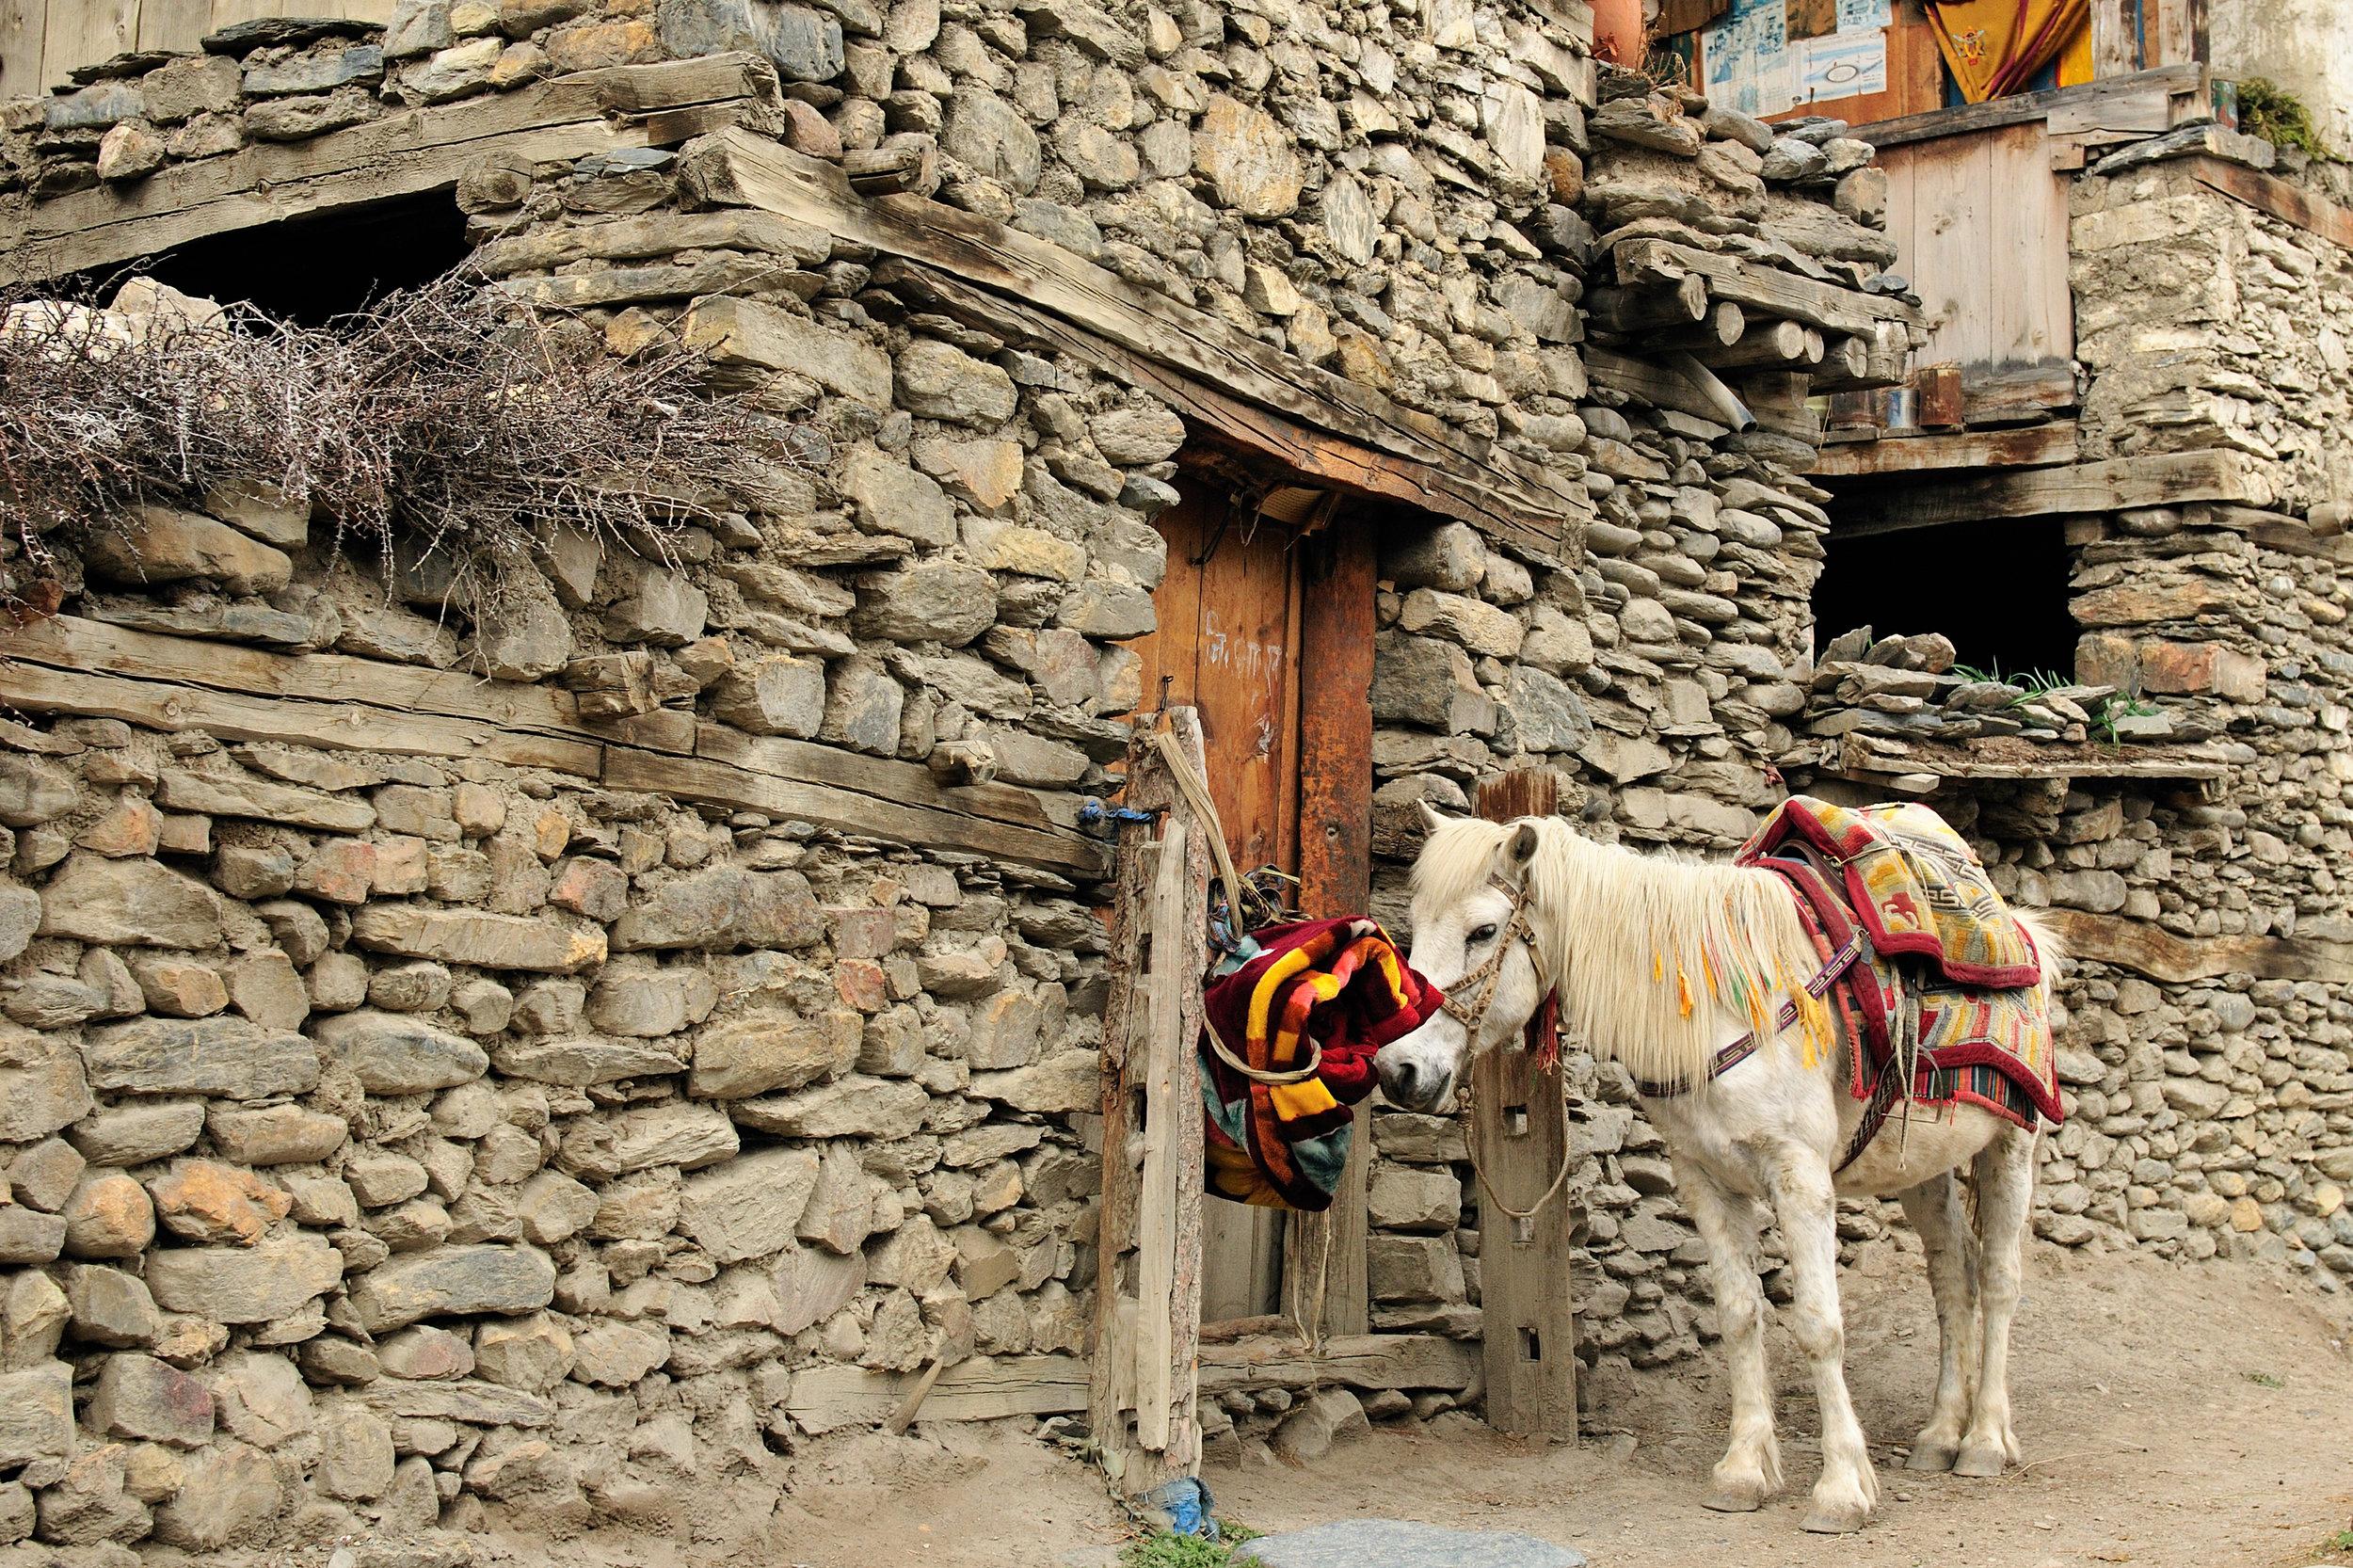 nepal_bigstock-Trek-In-Nepal-Annapurna-Cirku-231901714.jpg